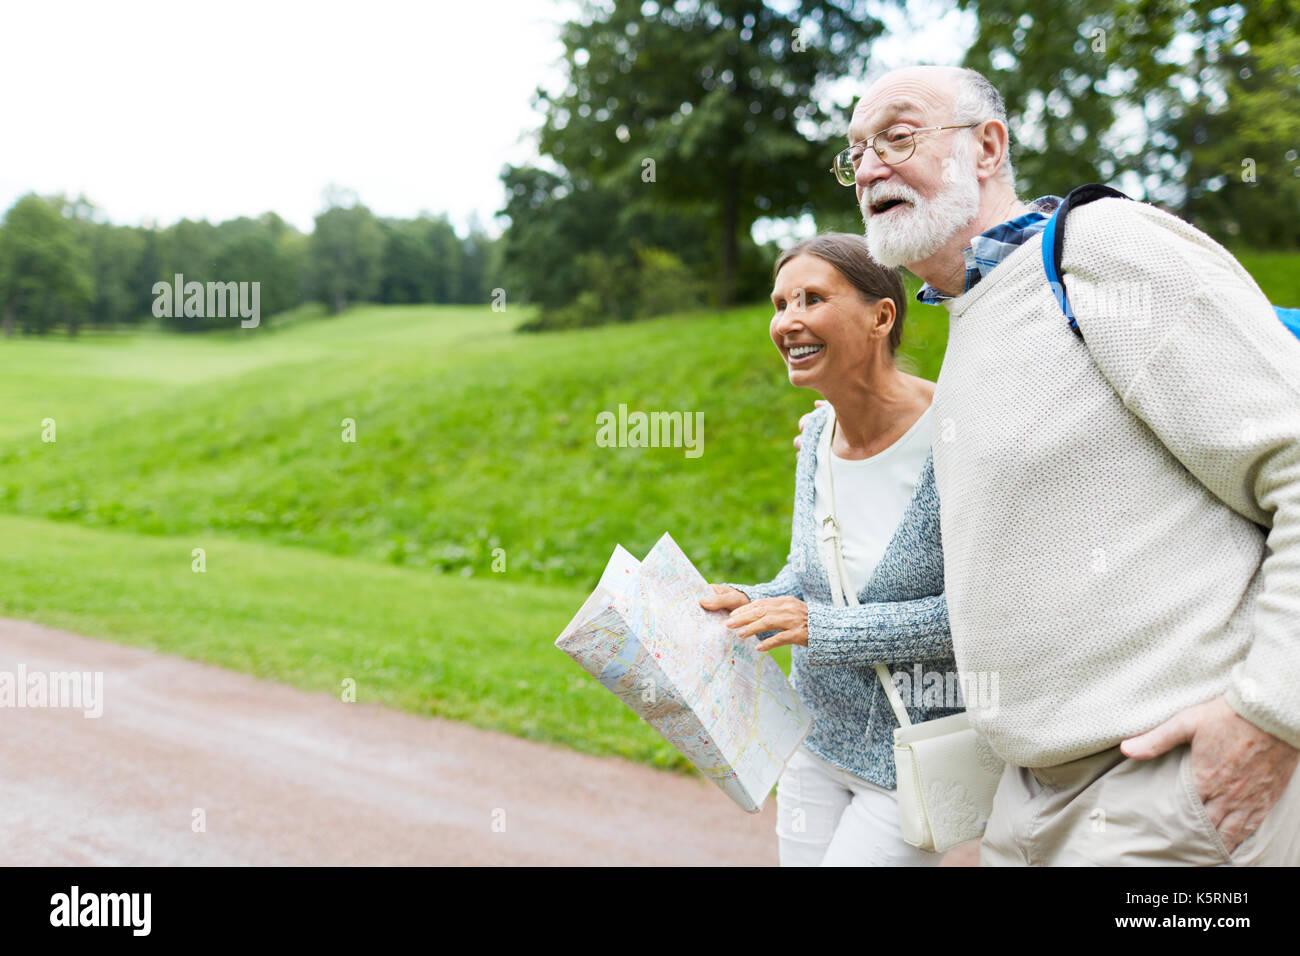 Asombrados ancianos Imagen De Stock